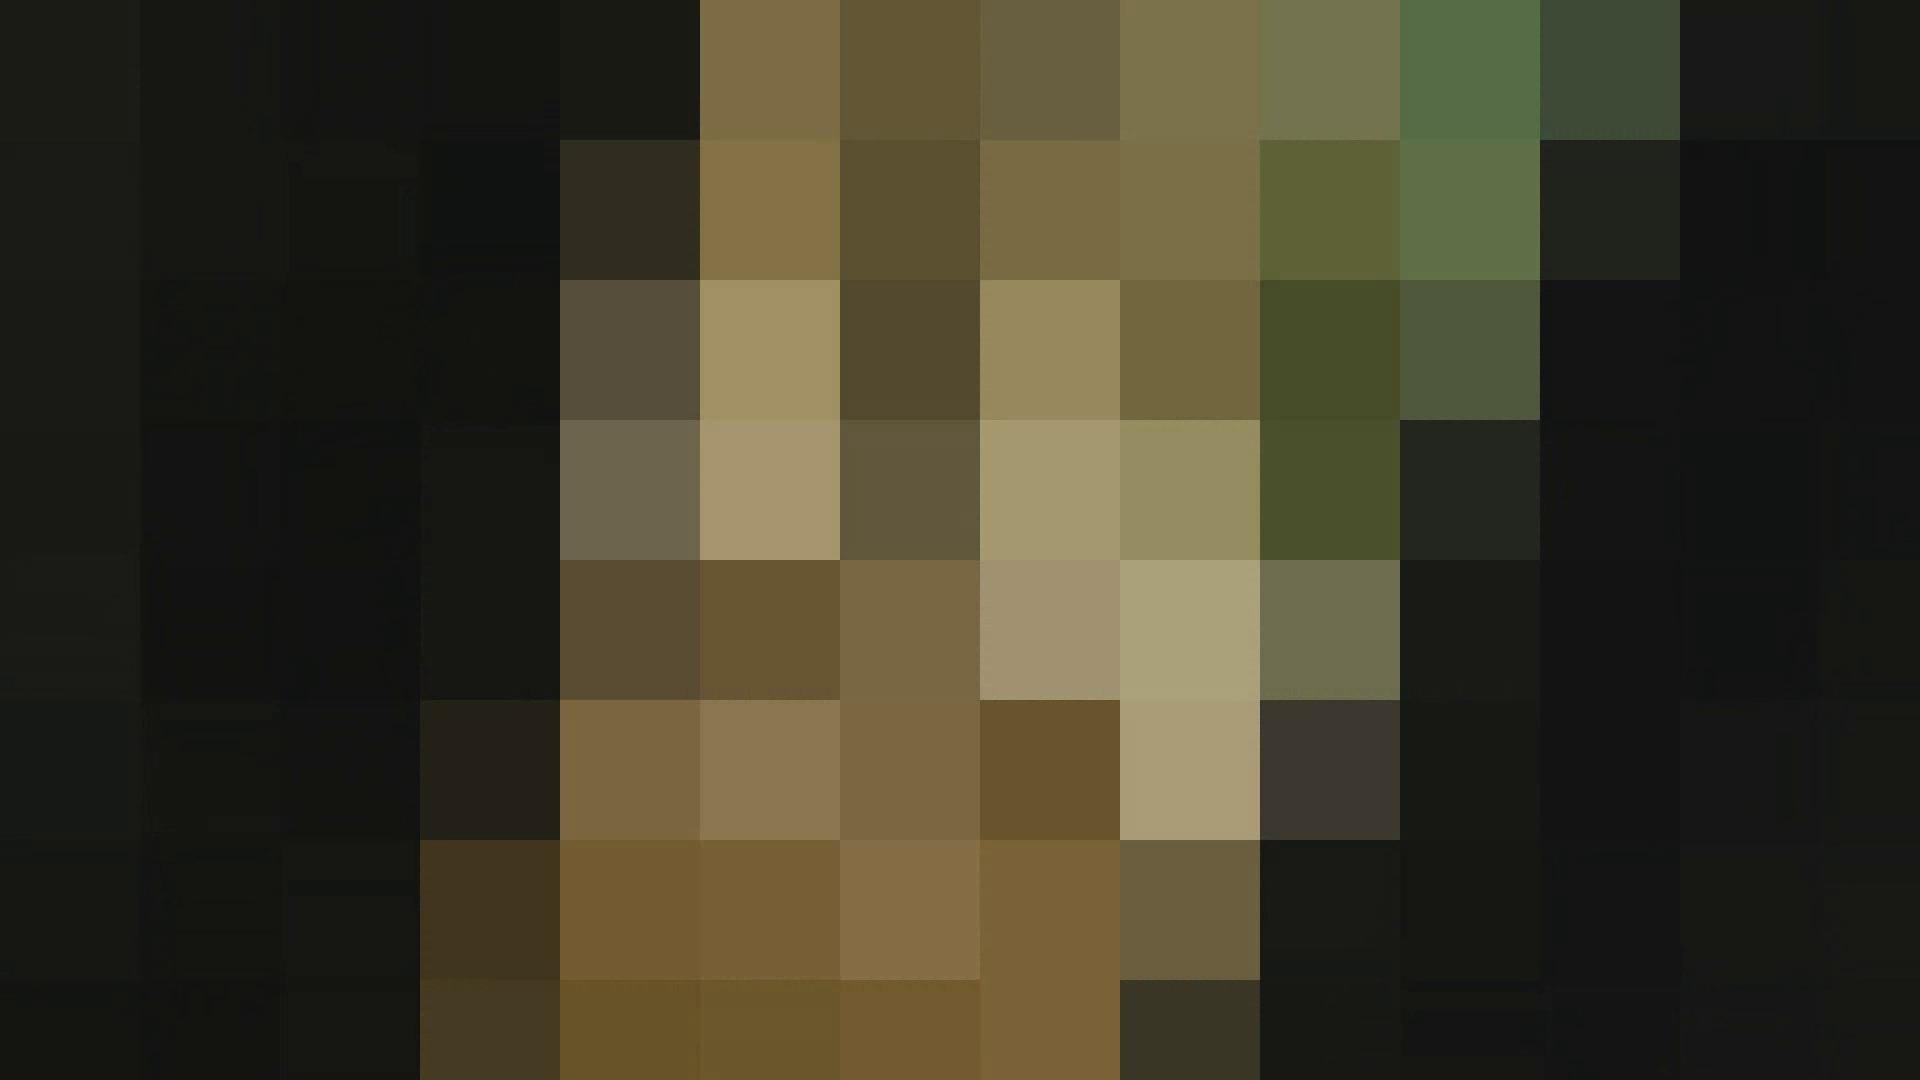 巨乳おまんこ:世界の射窓から vol.43 ソーニュー:怪盗ジョーカー